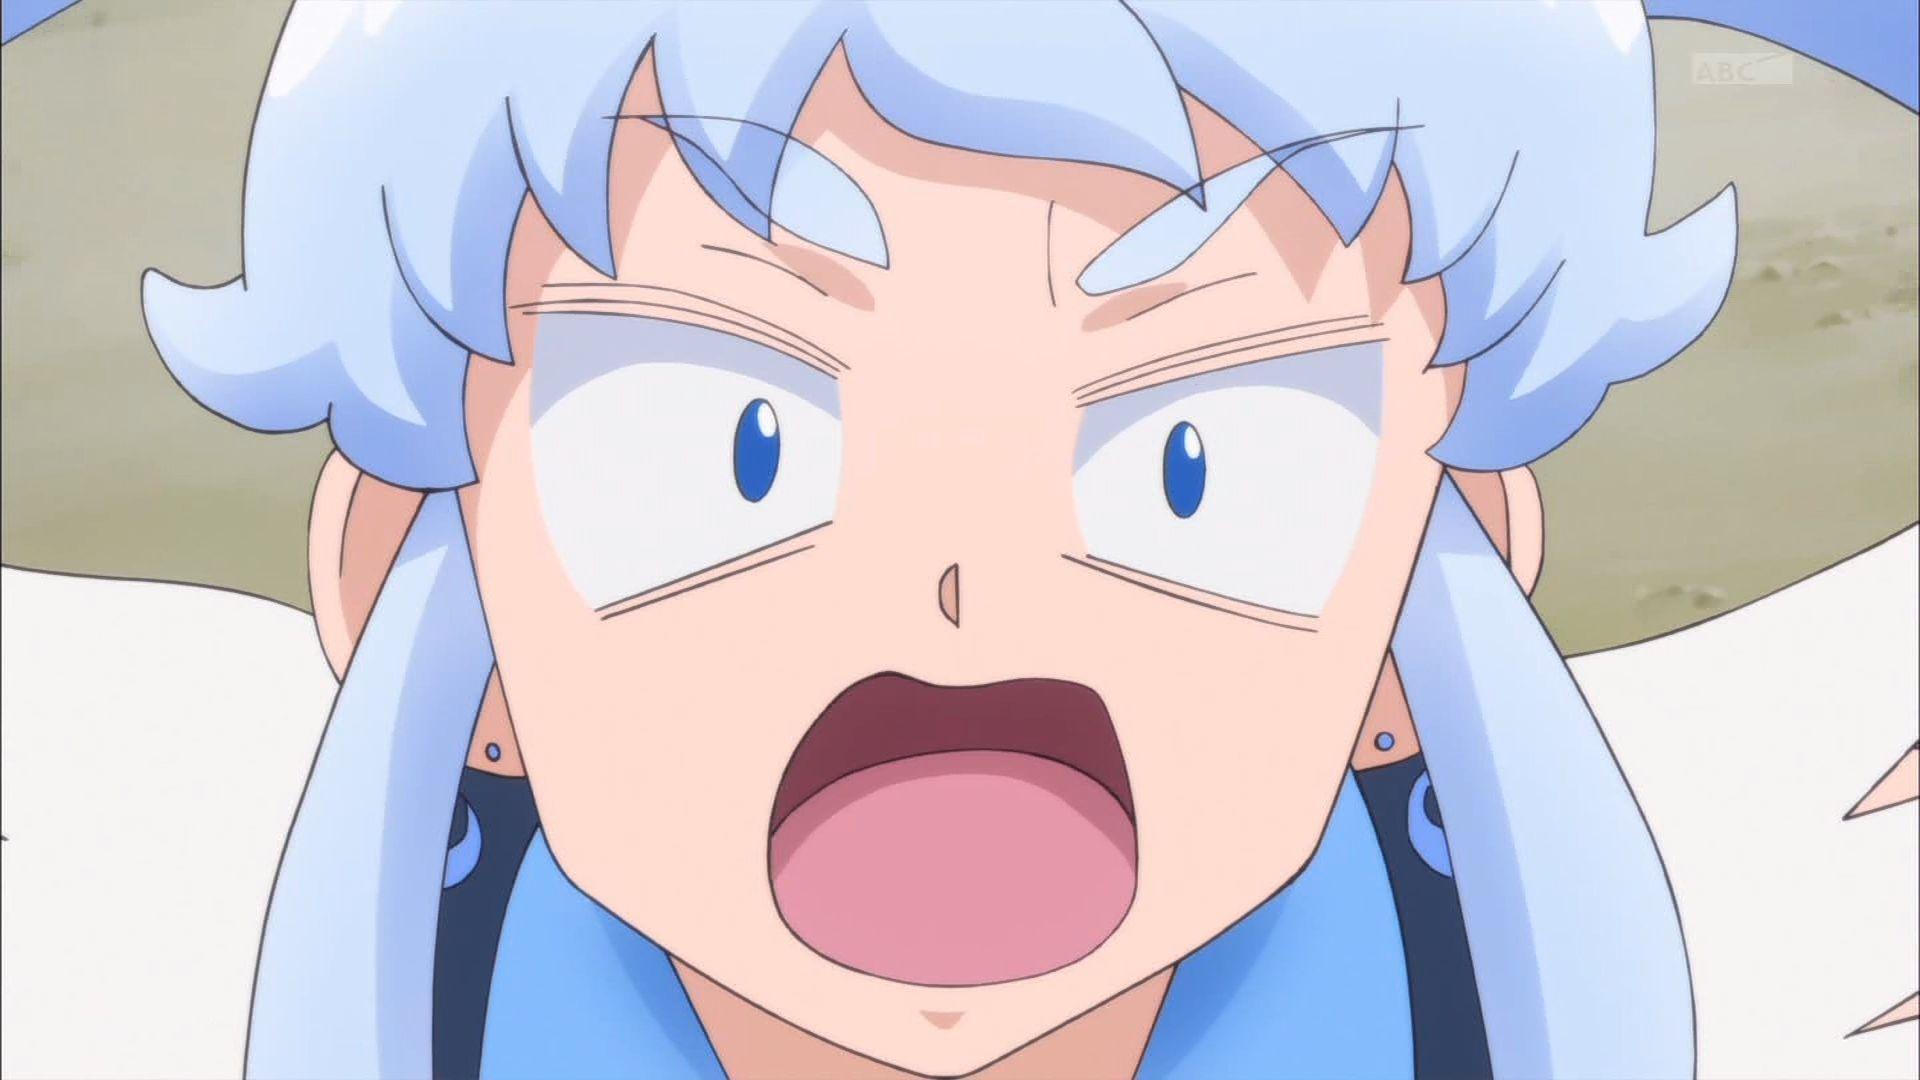 ハピプリ#35姫の顔